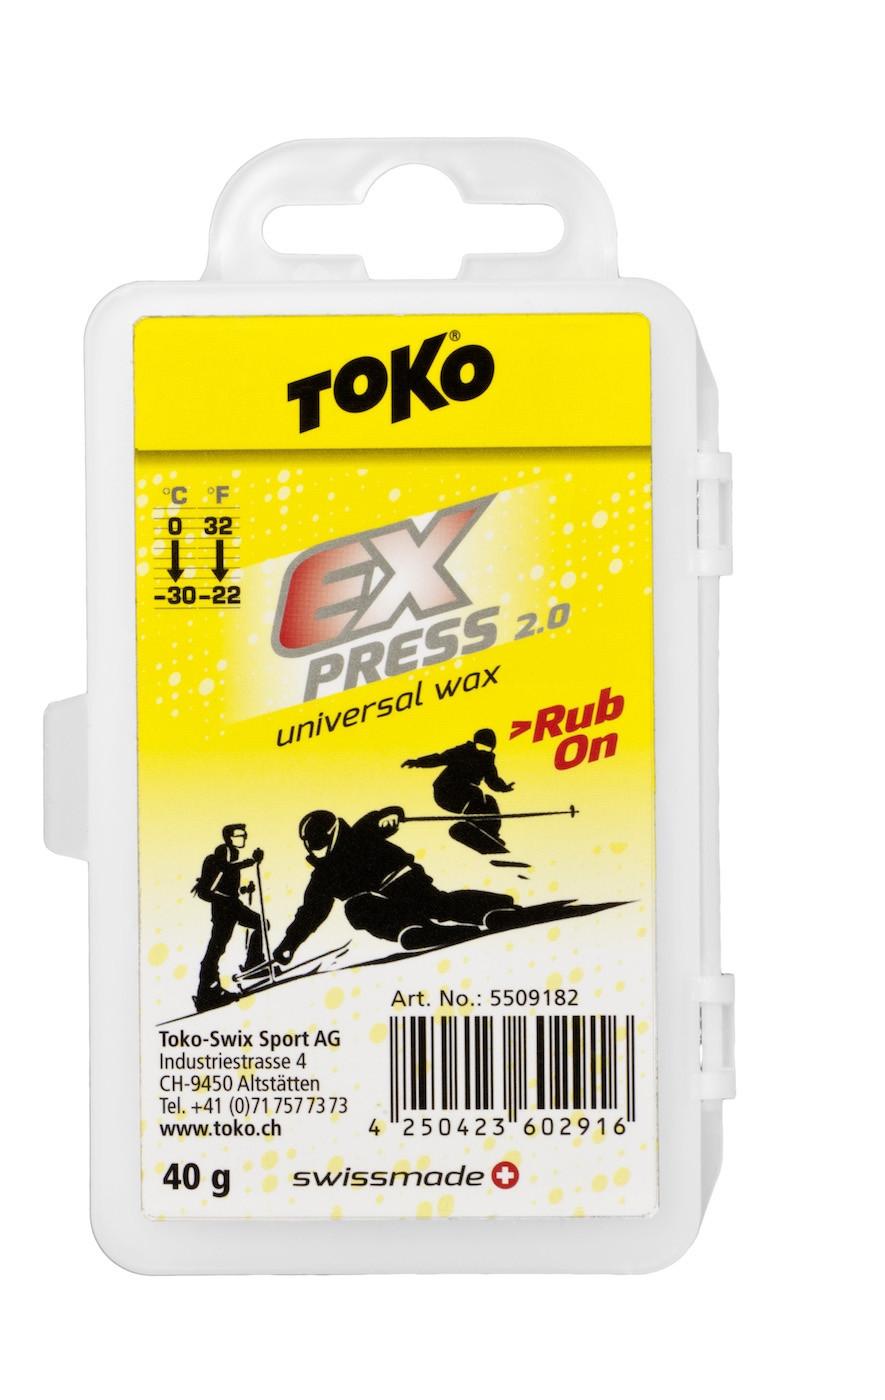 TOKO Express Rub On - 40g